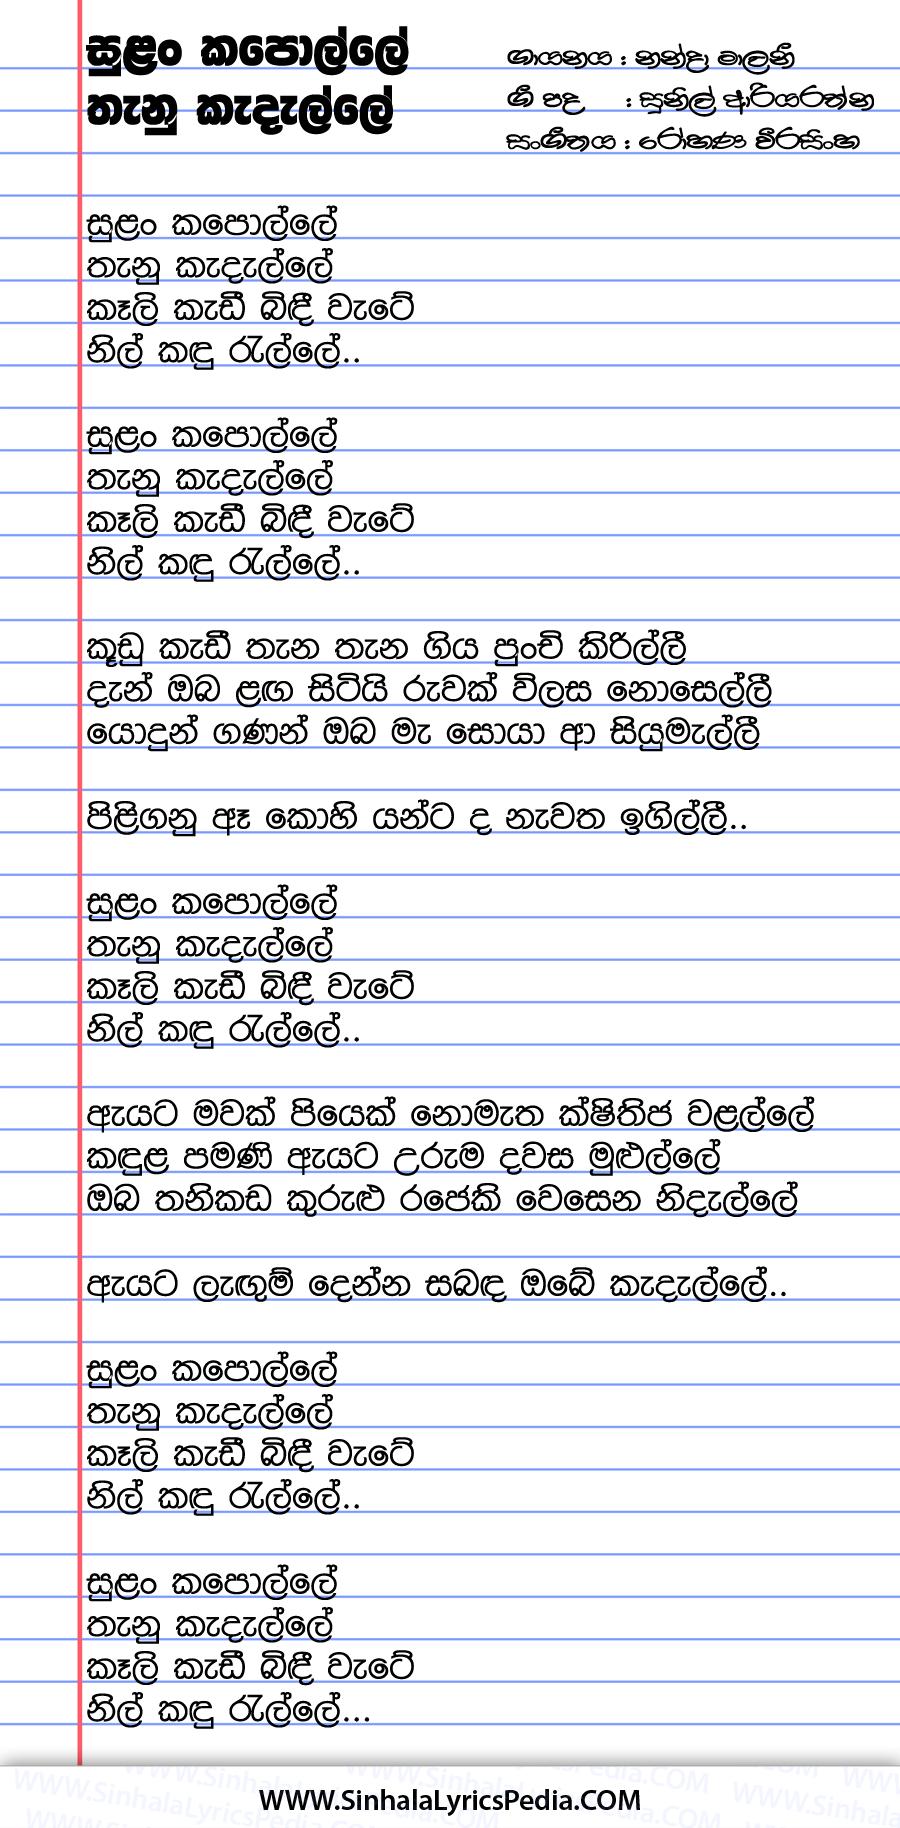 Sulan Kapolle Thanu Kadalle Song Lyrics